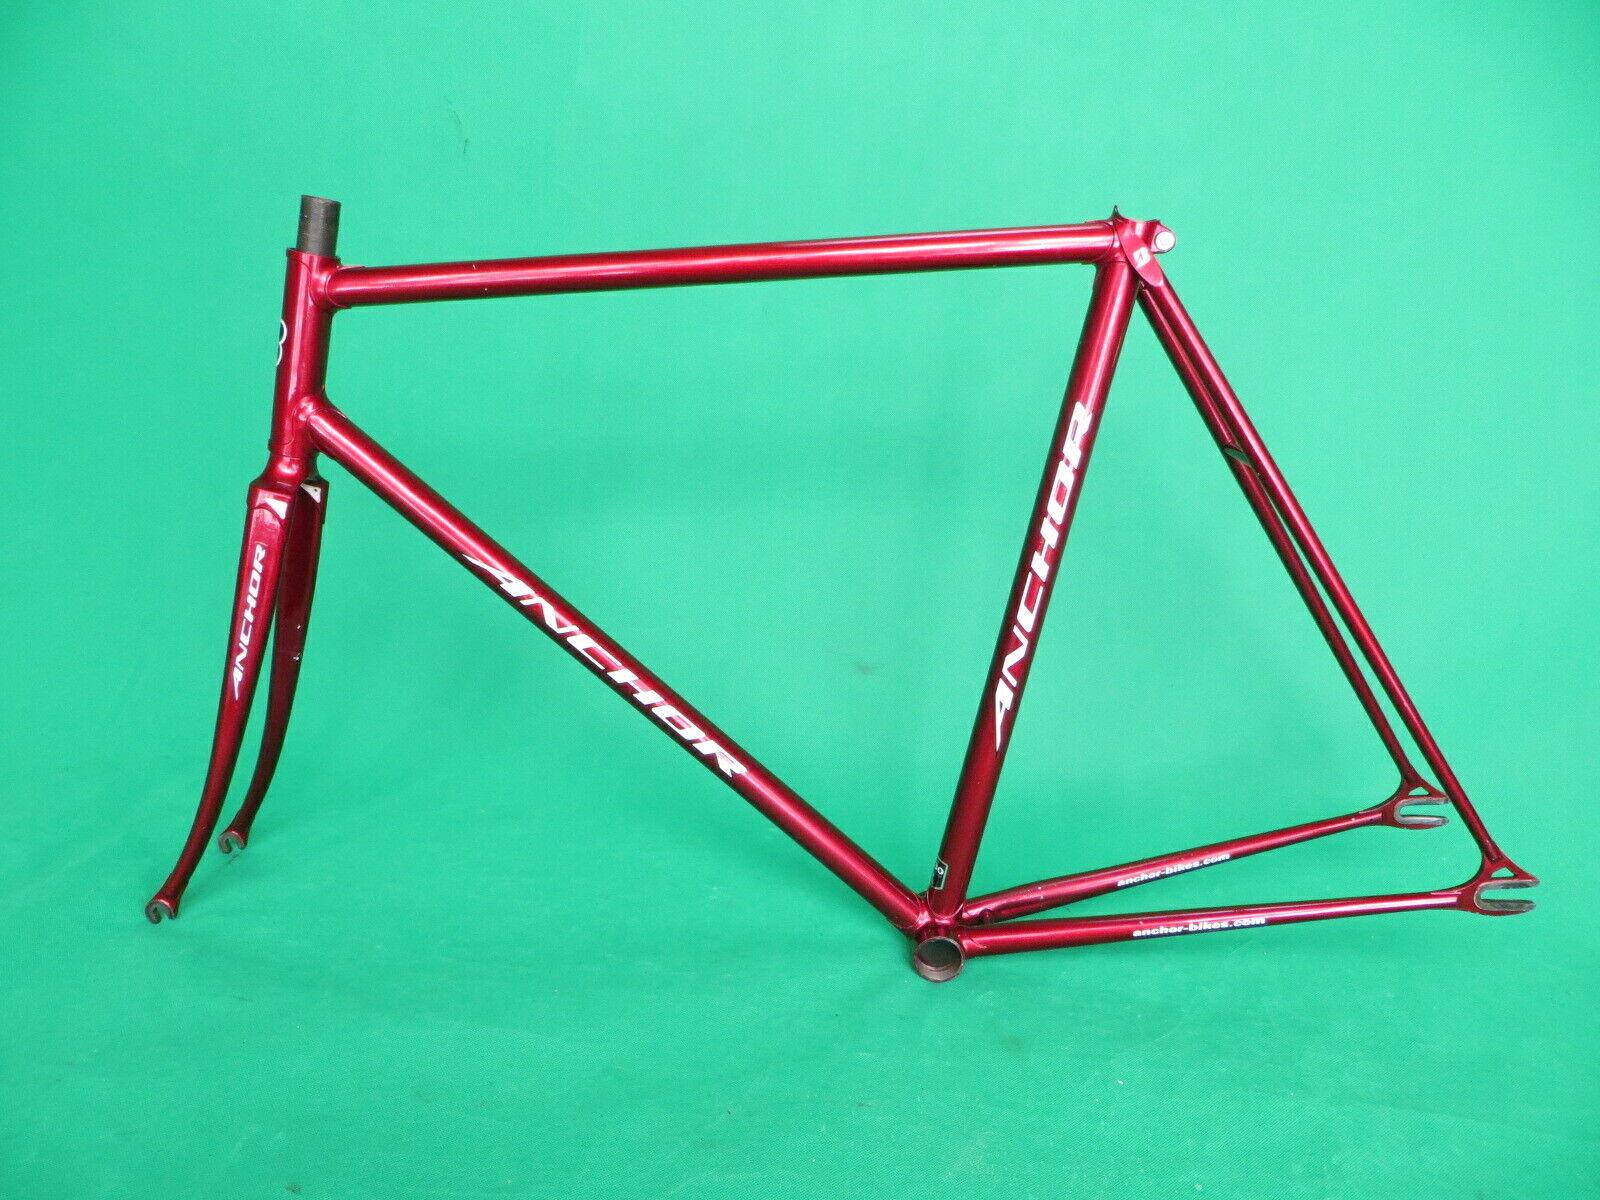 Anchor Bridgestone NJS Keirin Pista Marco Bicicleta De Pista Fixie 54.5cm